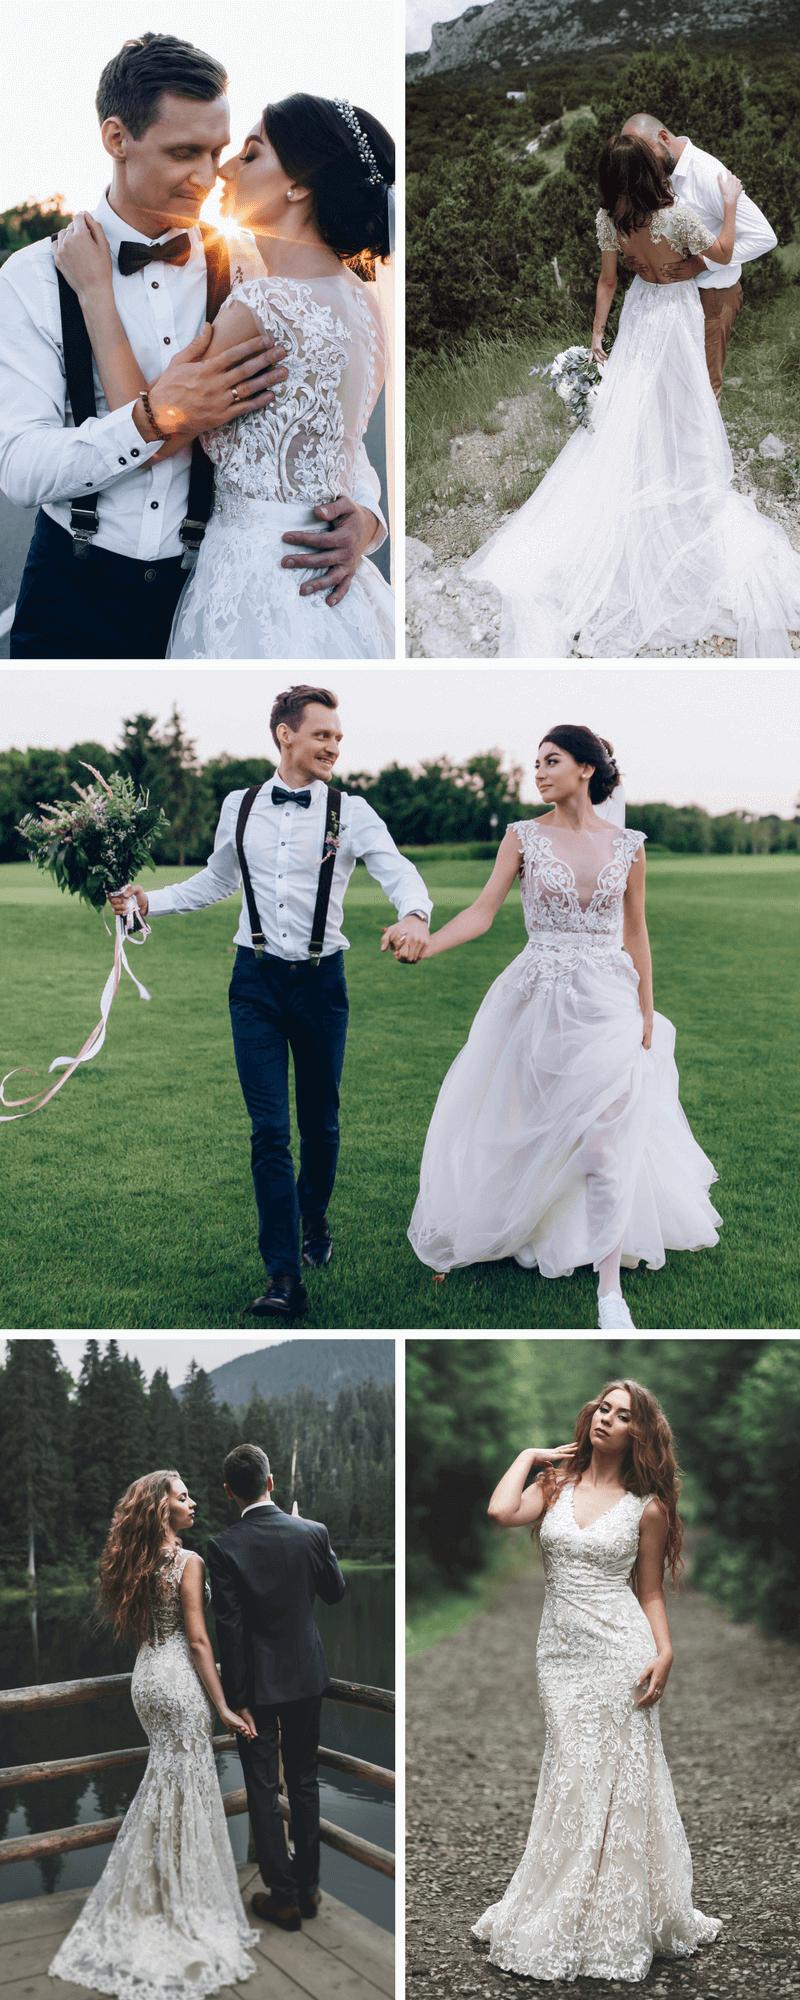 Brautkleidertrends 2018 Und 2019  Hochzeitskiste